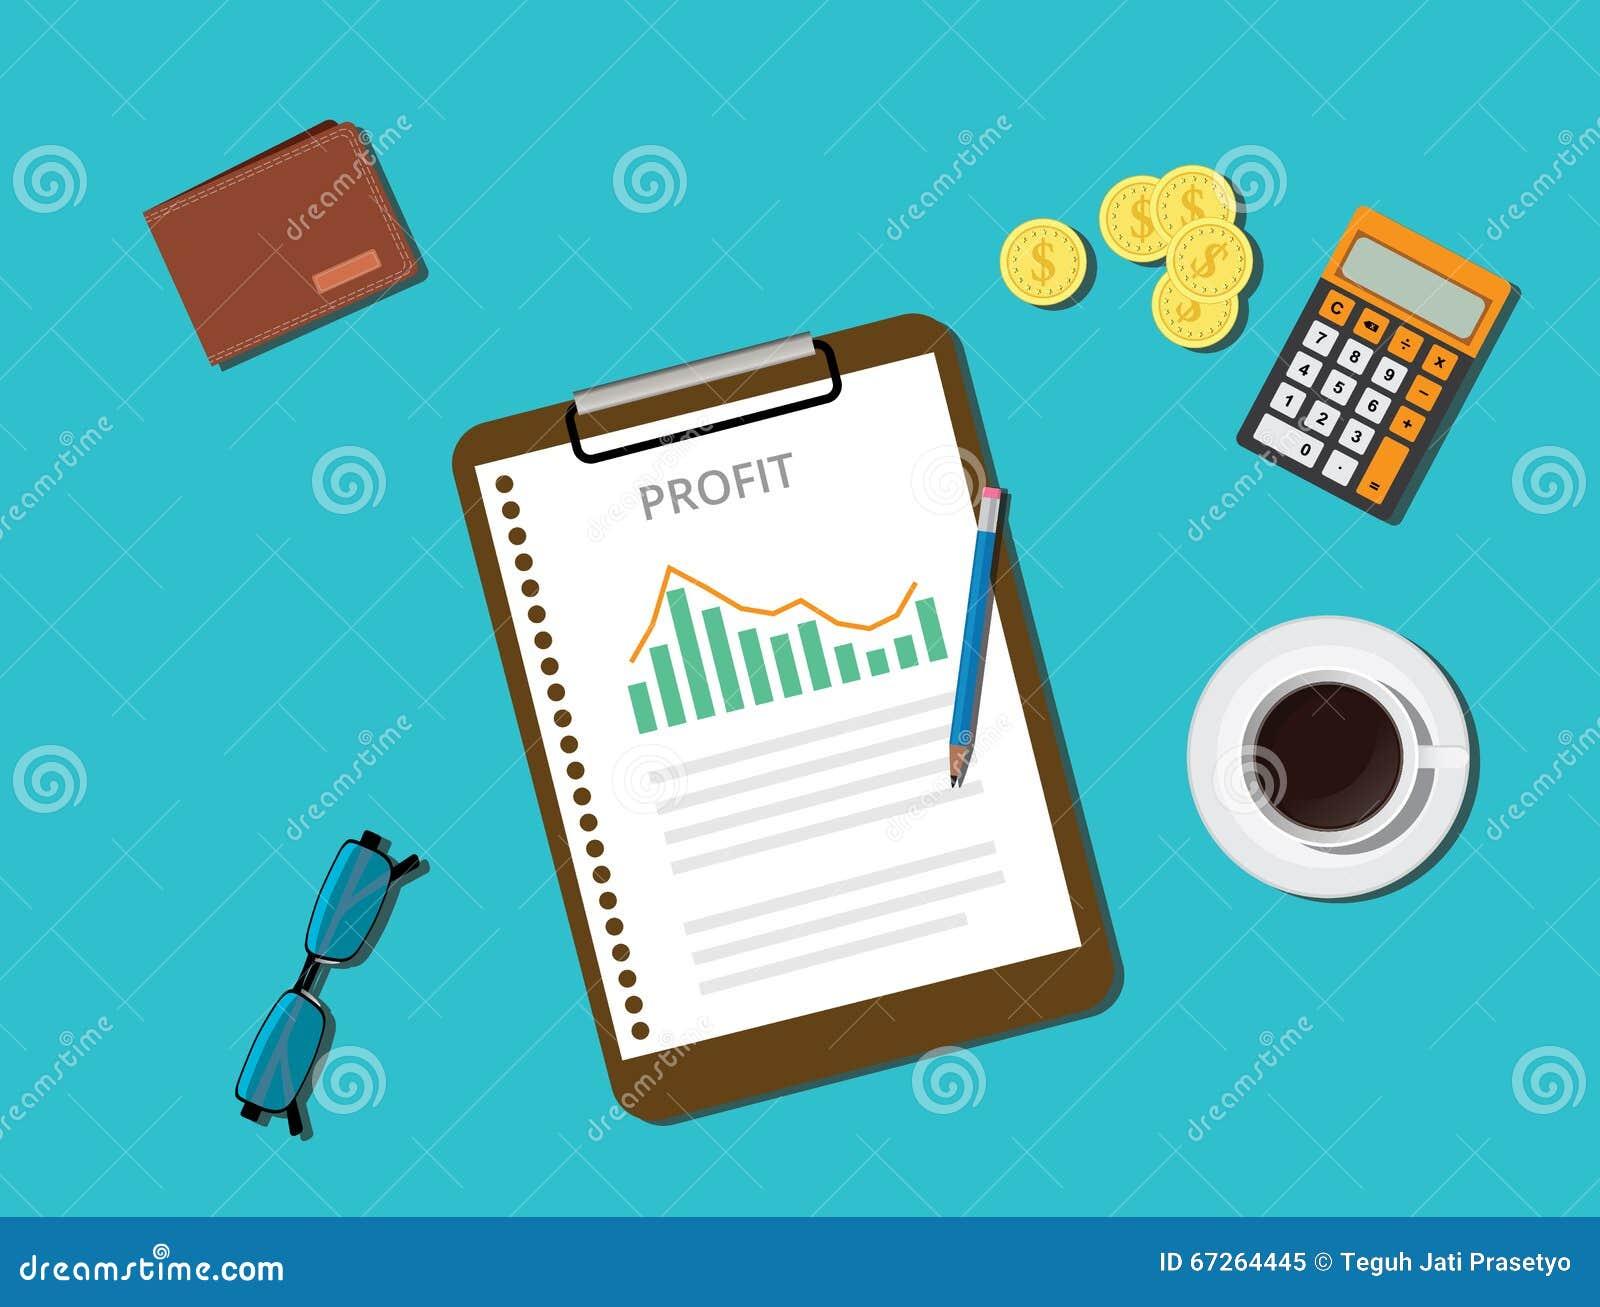 与图表文件剪贴板金币咖啡钱包的营业利润